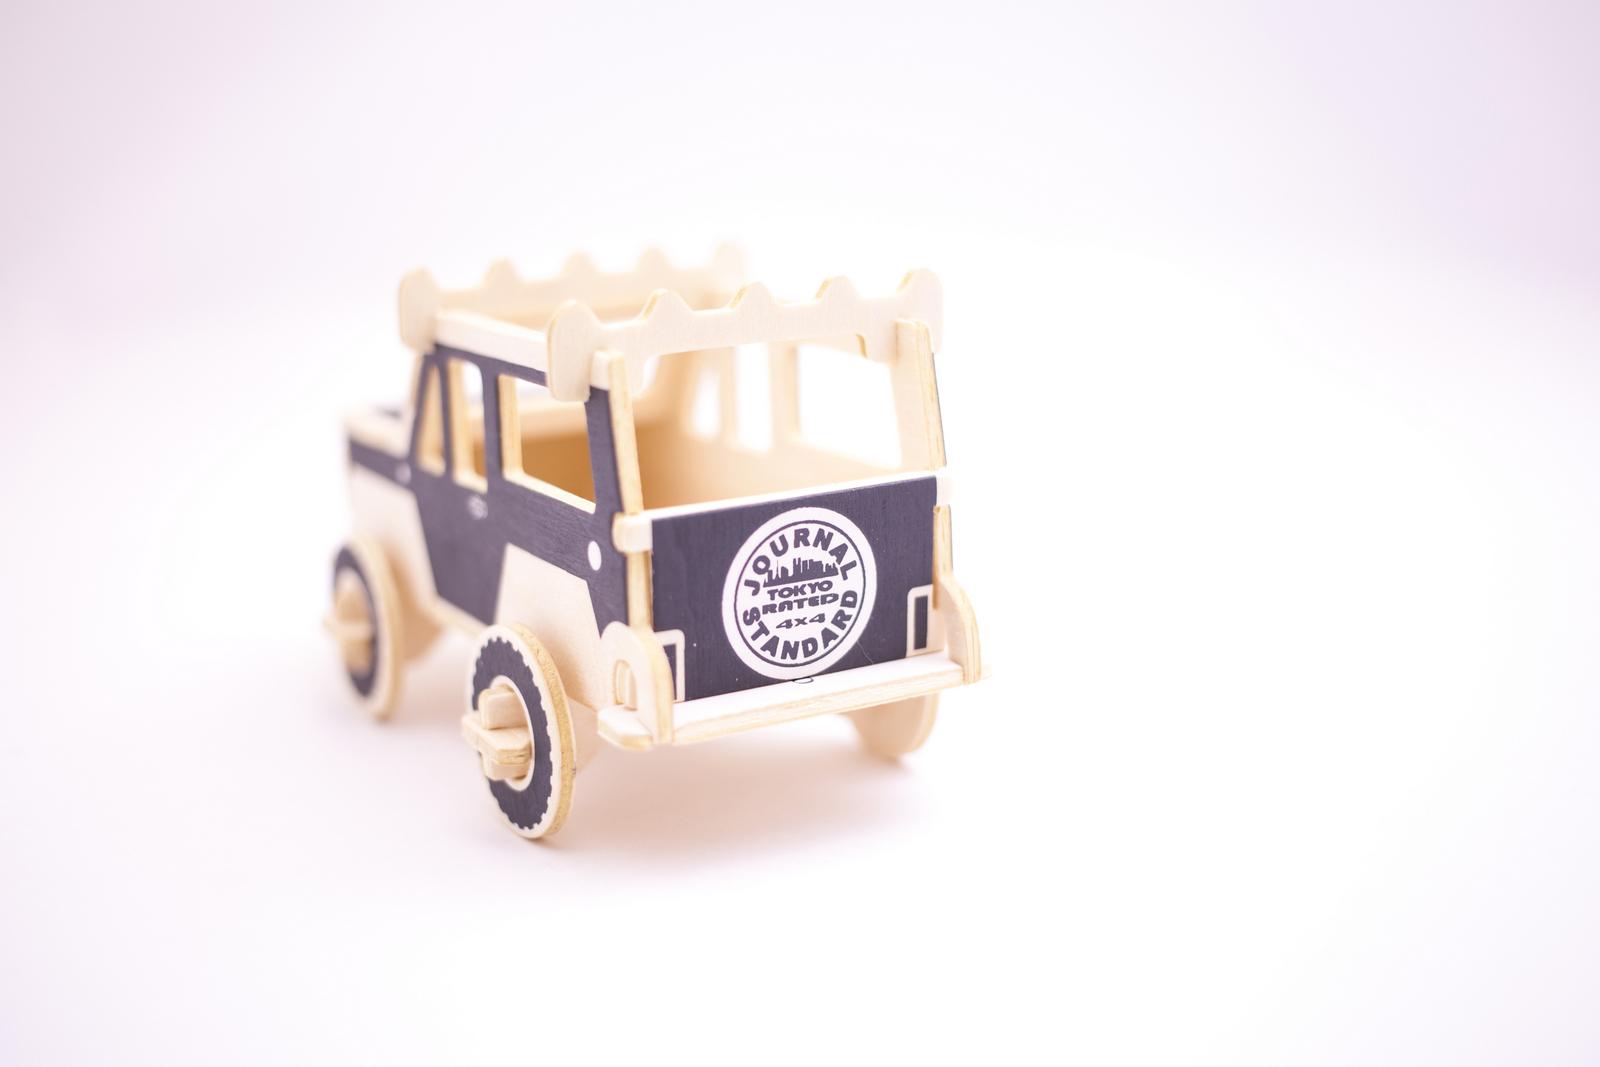 """IMG_1188_2 Jeep® Wrangler Unlimited """"TOKYO RATED"""" モデルの限定ノベルティがもらえる!〈ジャーナル スタンダード〉との連動キャンペーン実施中!"""